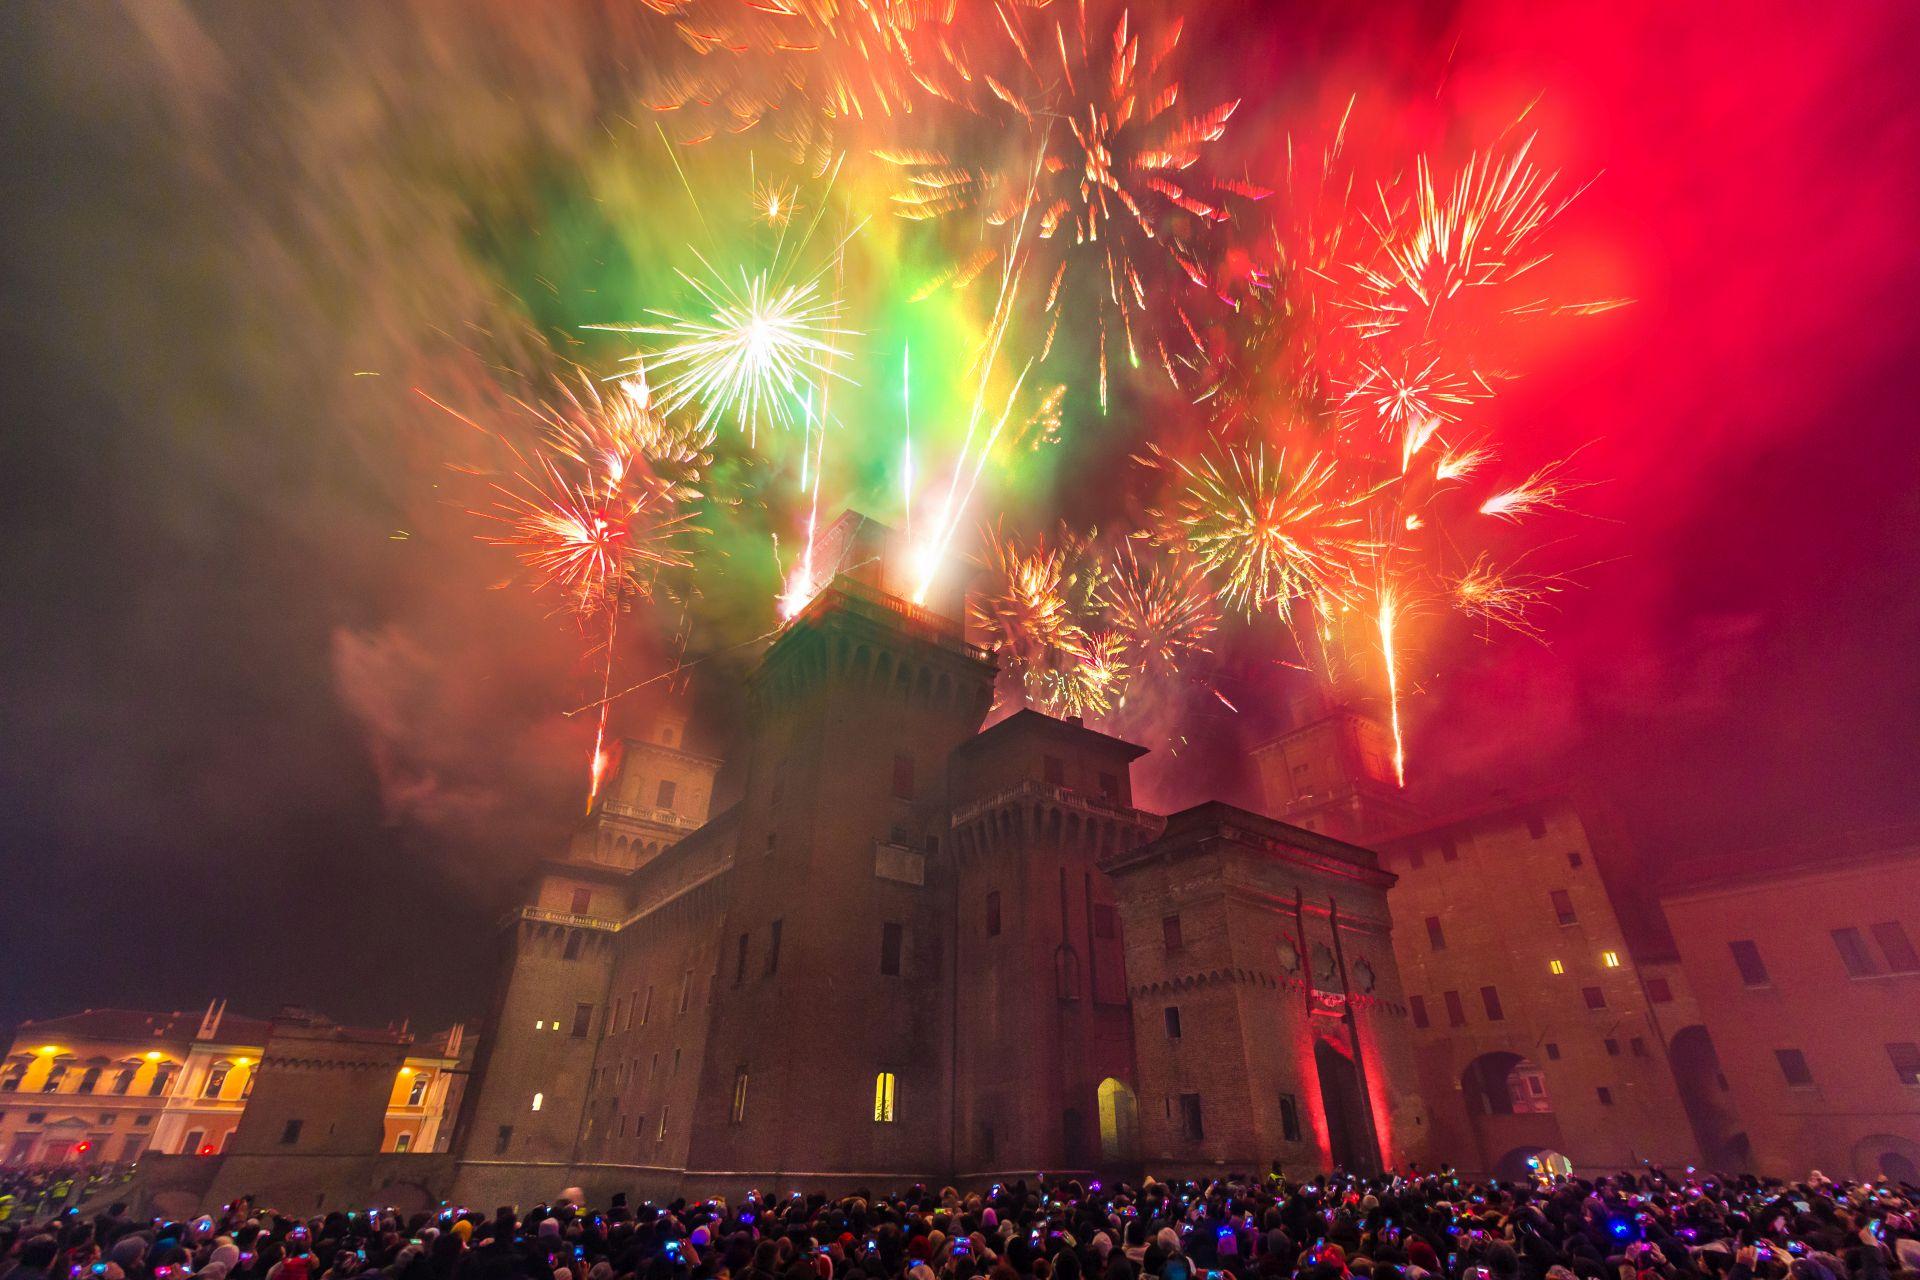 Incendio-del-Castello-Estense-Capodanno-a-Ferrara-